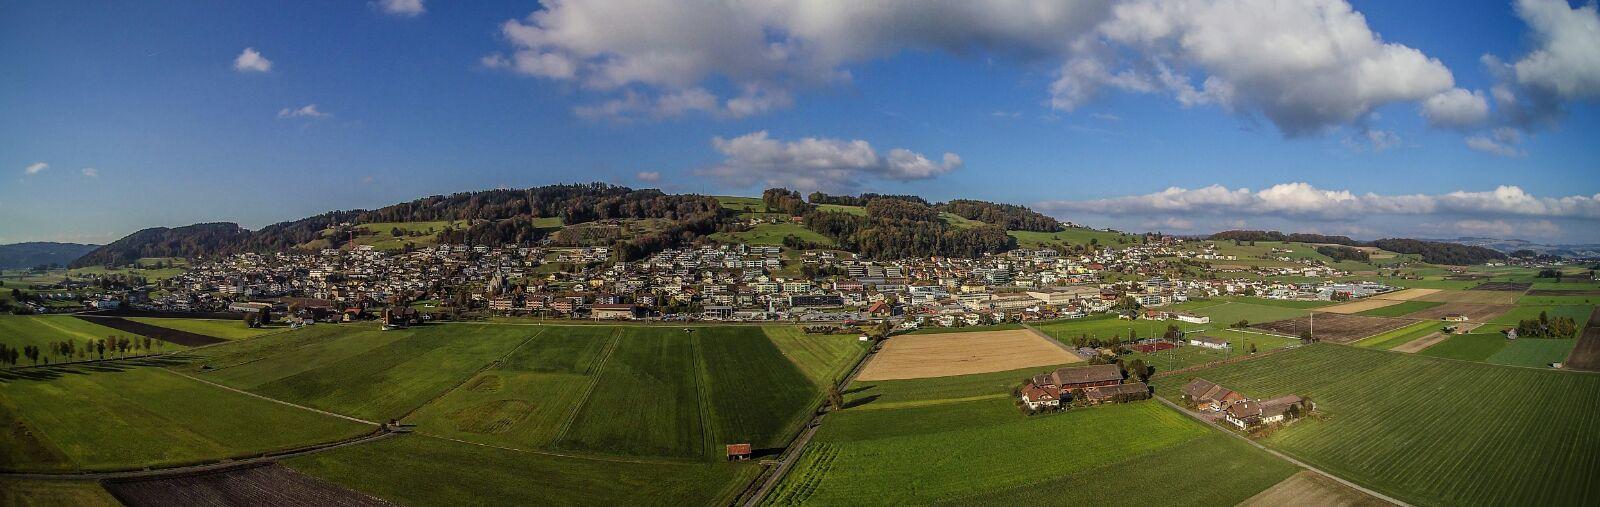 1_07_Santenberg-Drohne-256